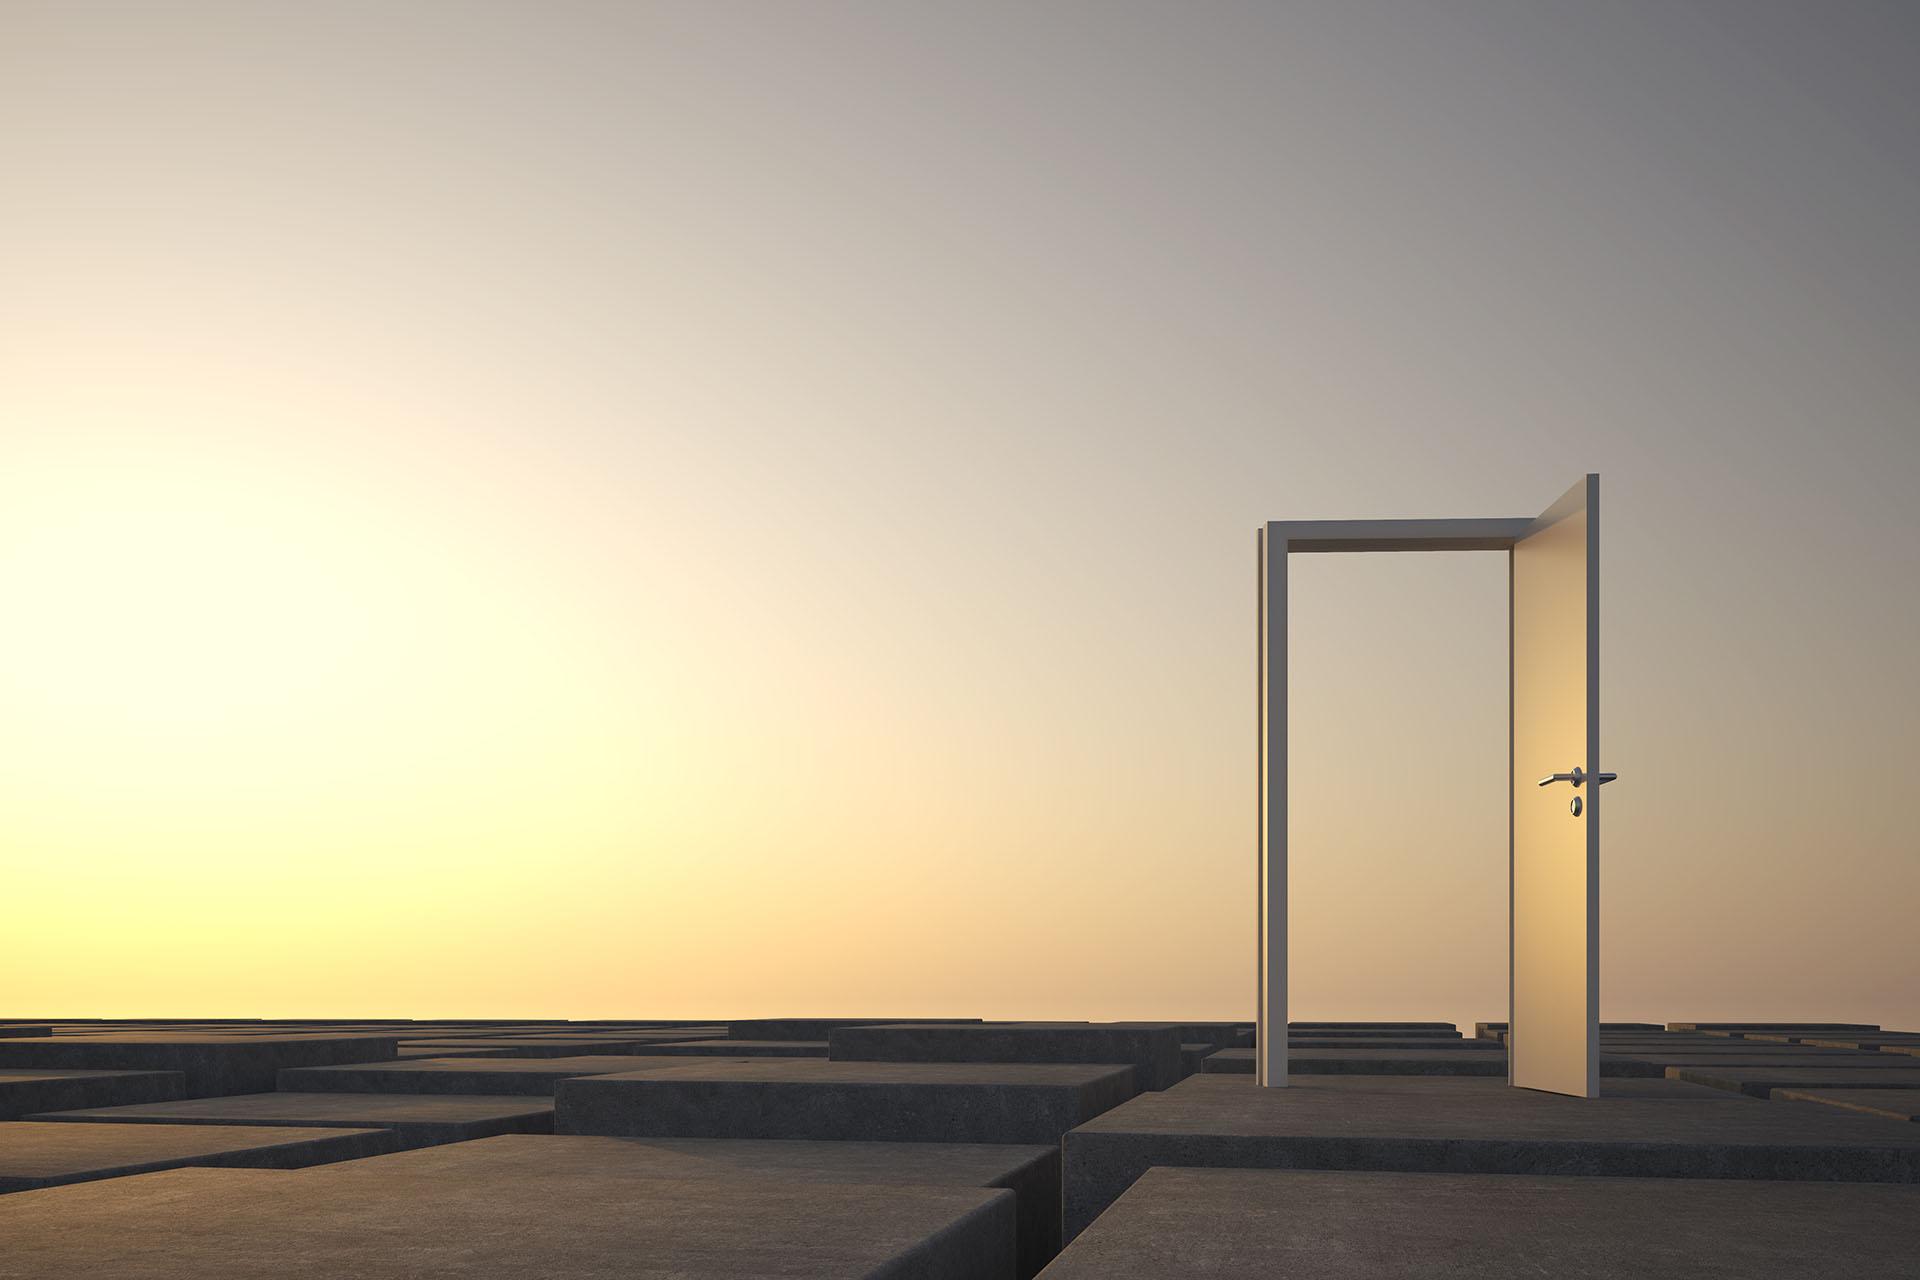 An open door on the horizon